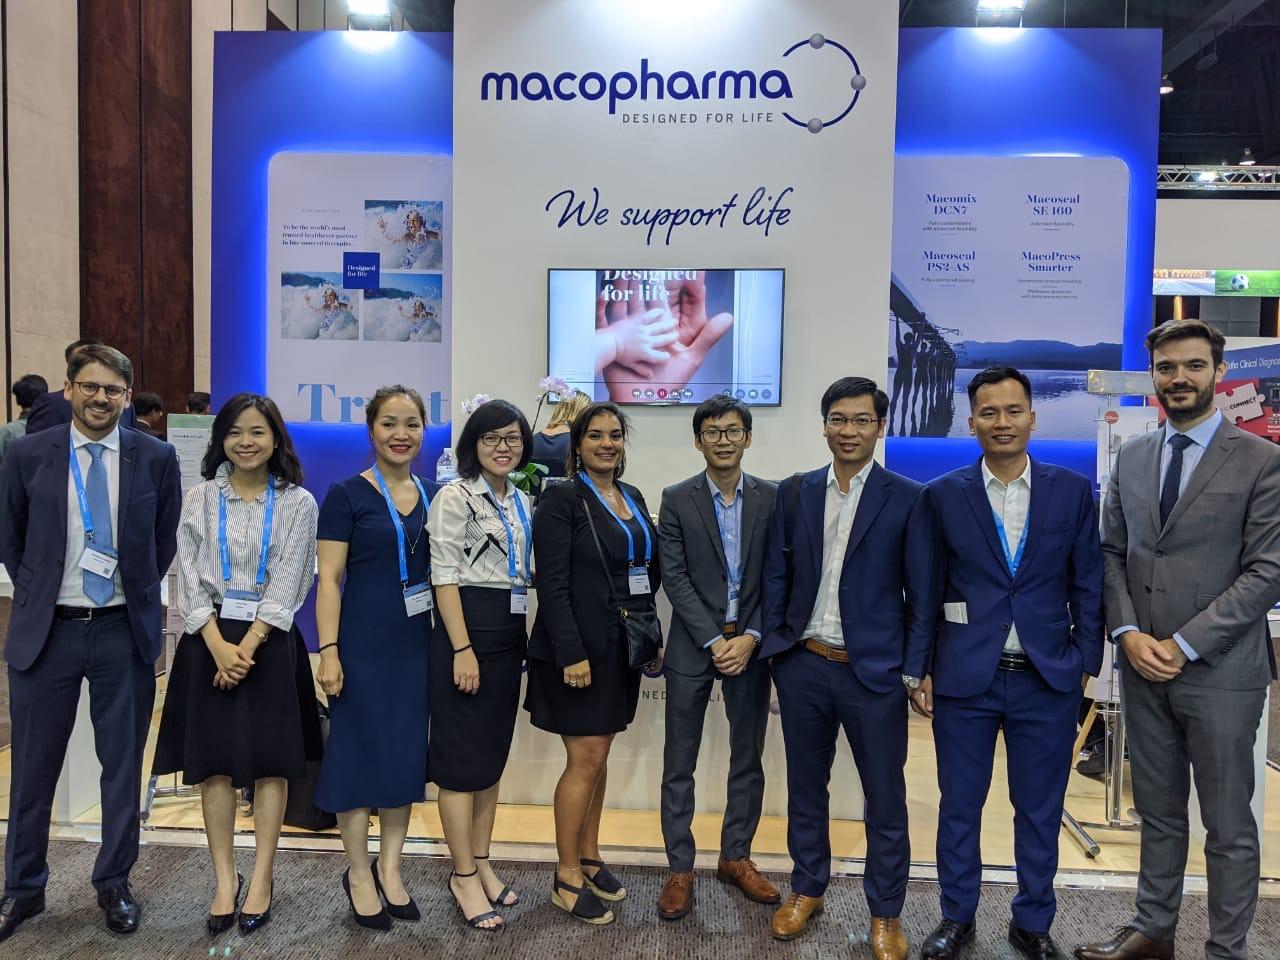 Medcomtech cùng đối tác Macopharma tham dự hội nghị ISBT 2019 tại Bangkok